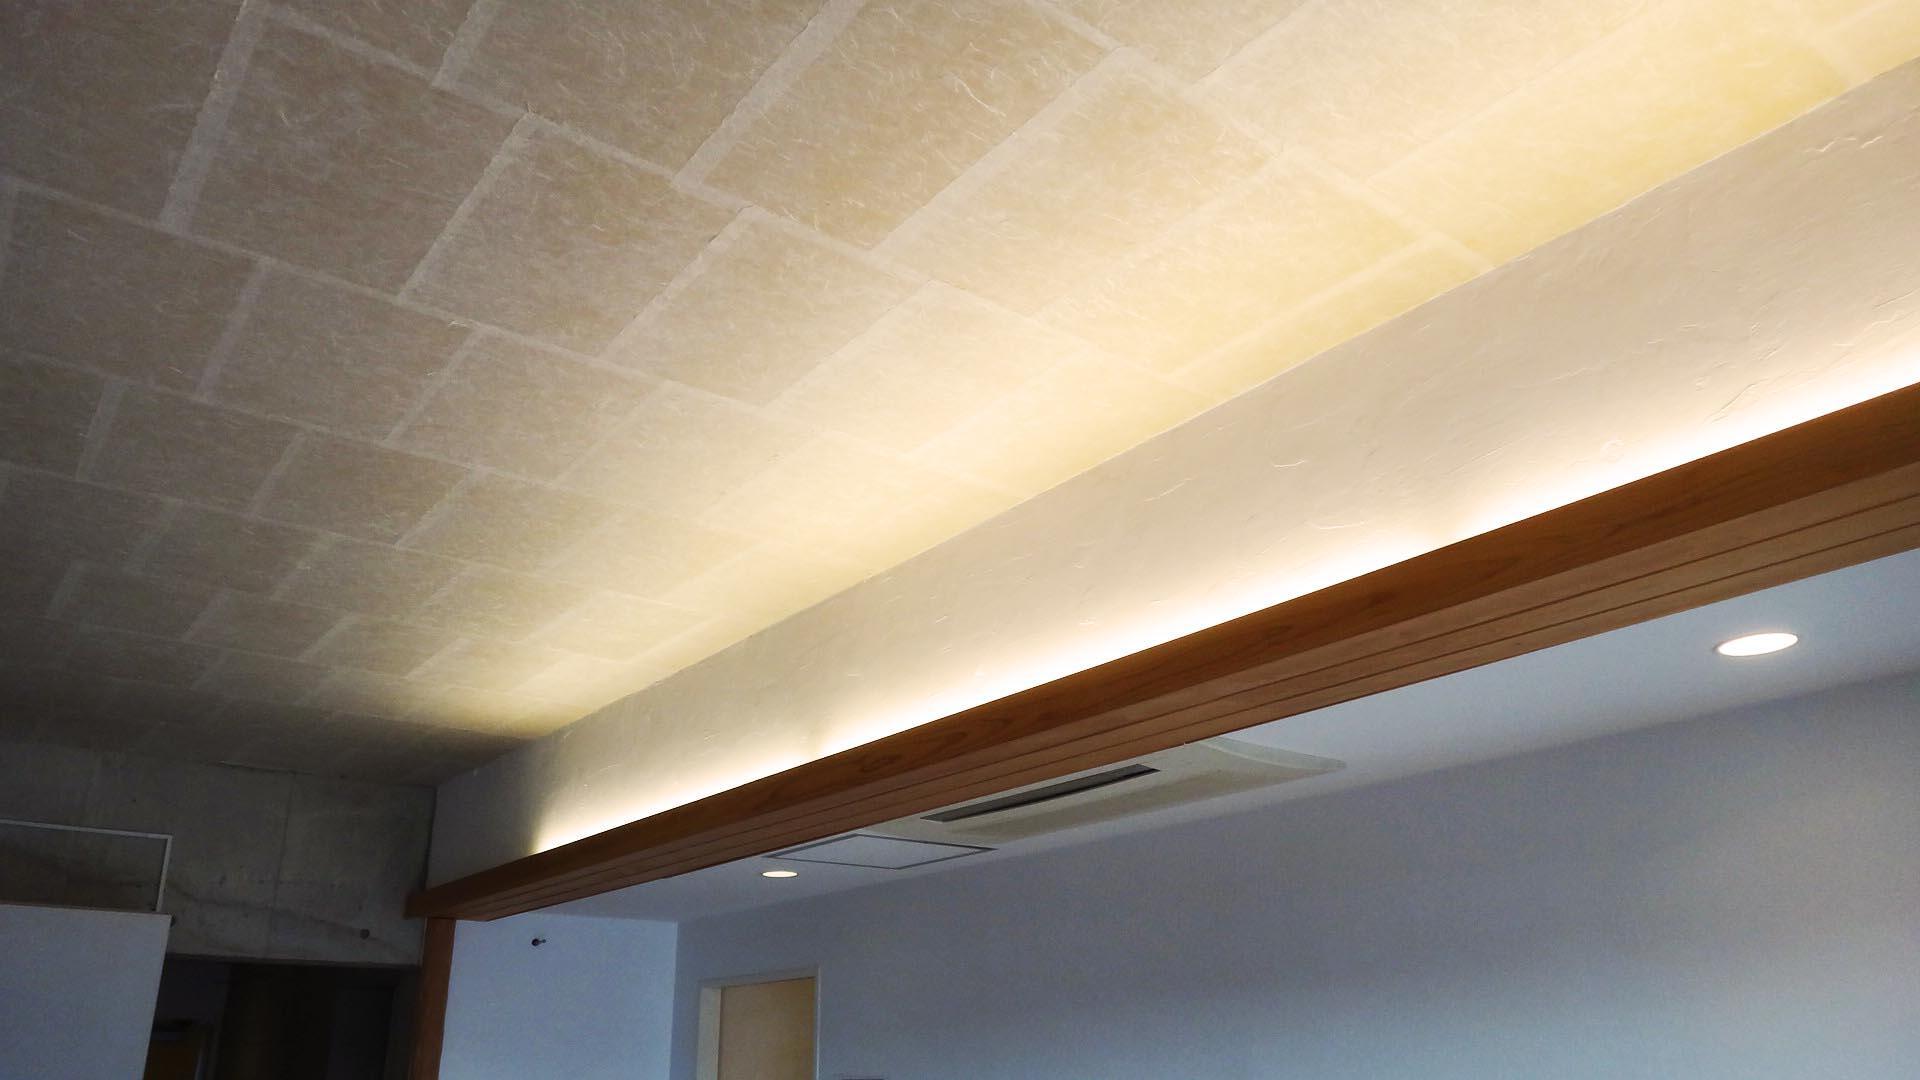 間接照明と手すきの和紙が貼られた天井。